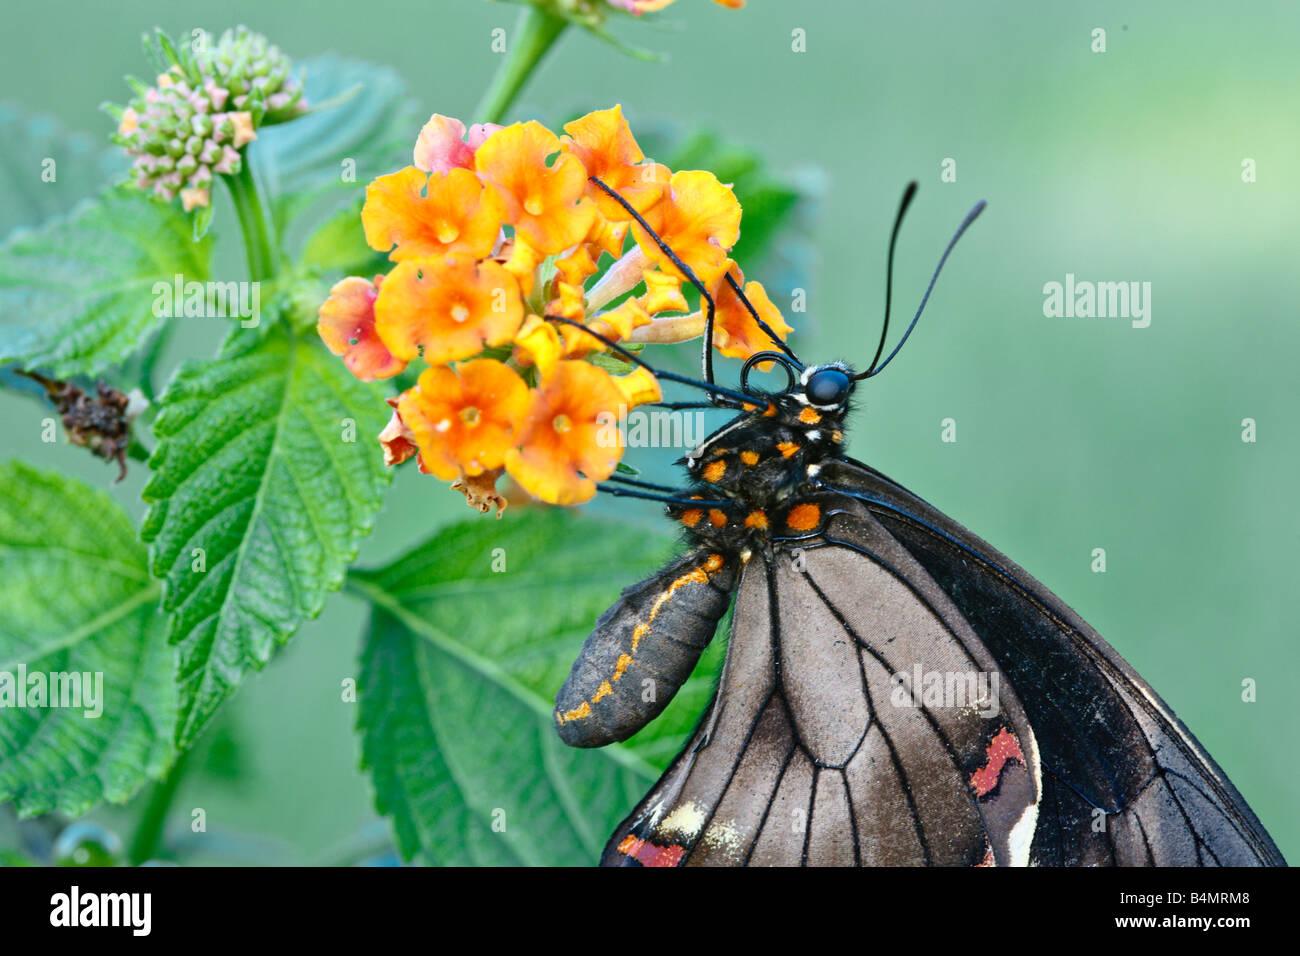 Close up of Battus Polydamas feeding on nectar of orange Lantana plant - Stock Image